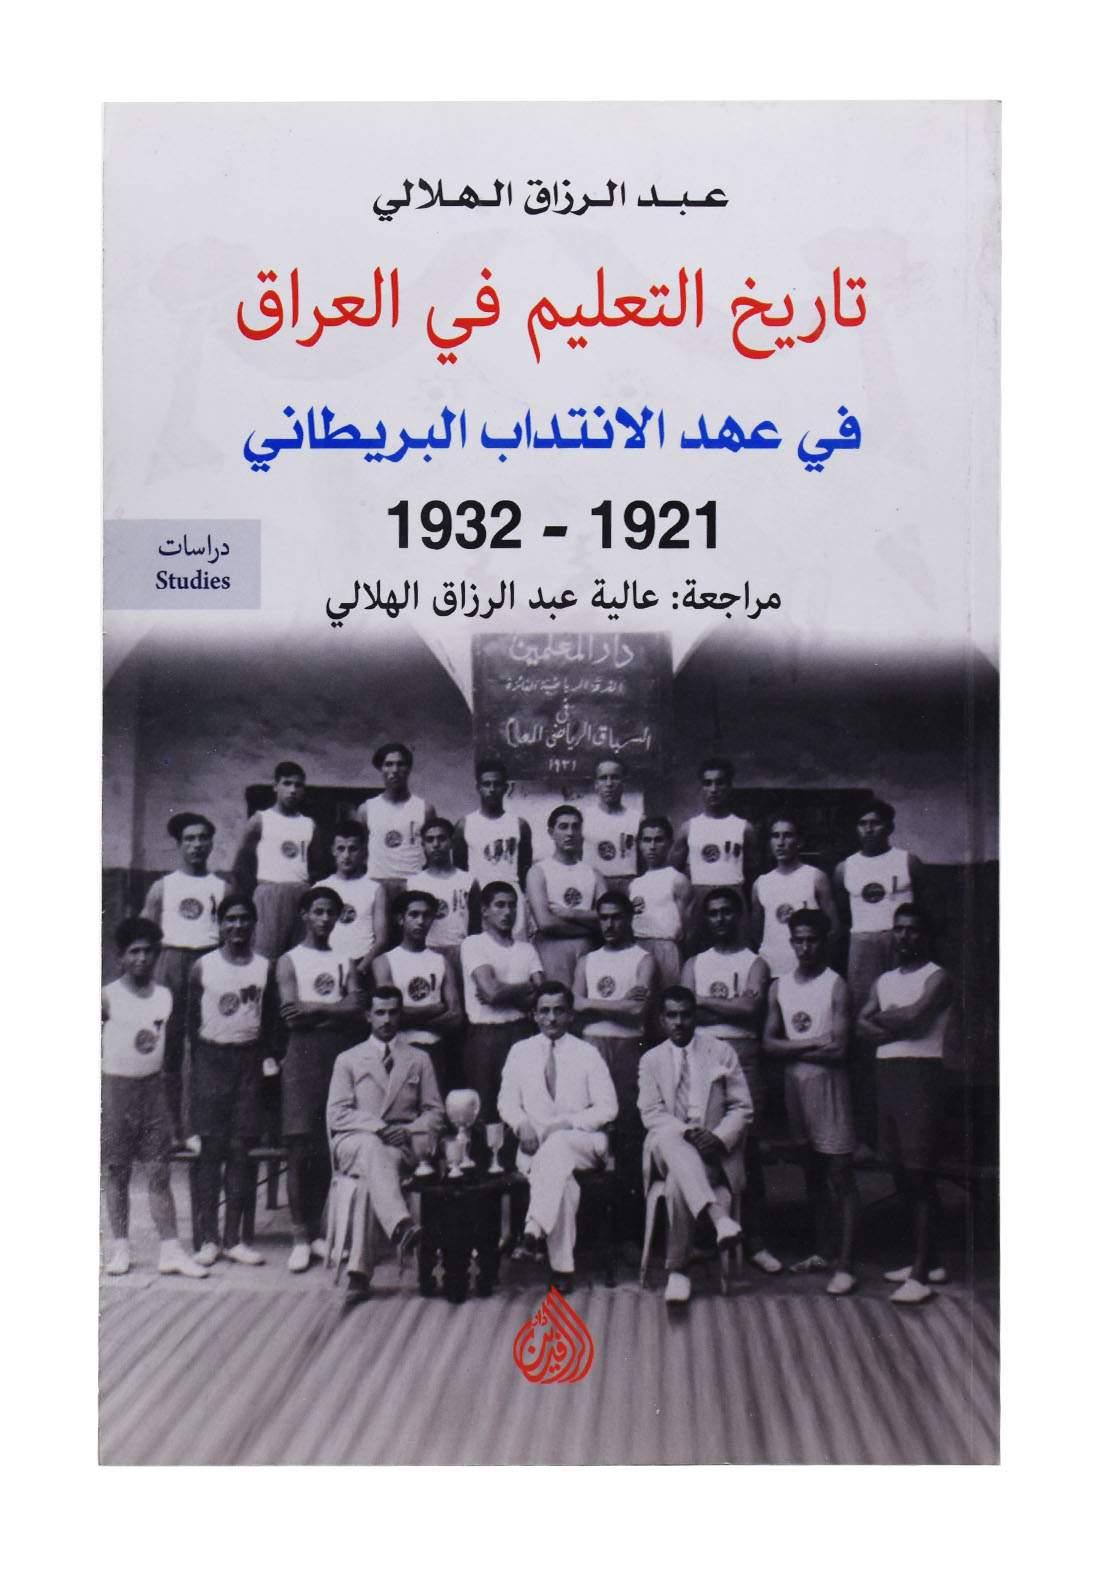 تاريخ التعليم في العراق في عهد الانتداب البريطاني 1921-1932